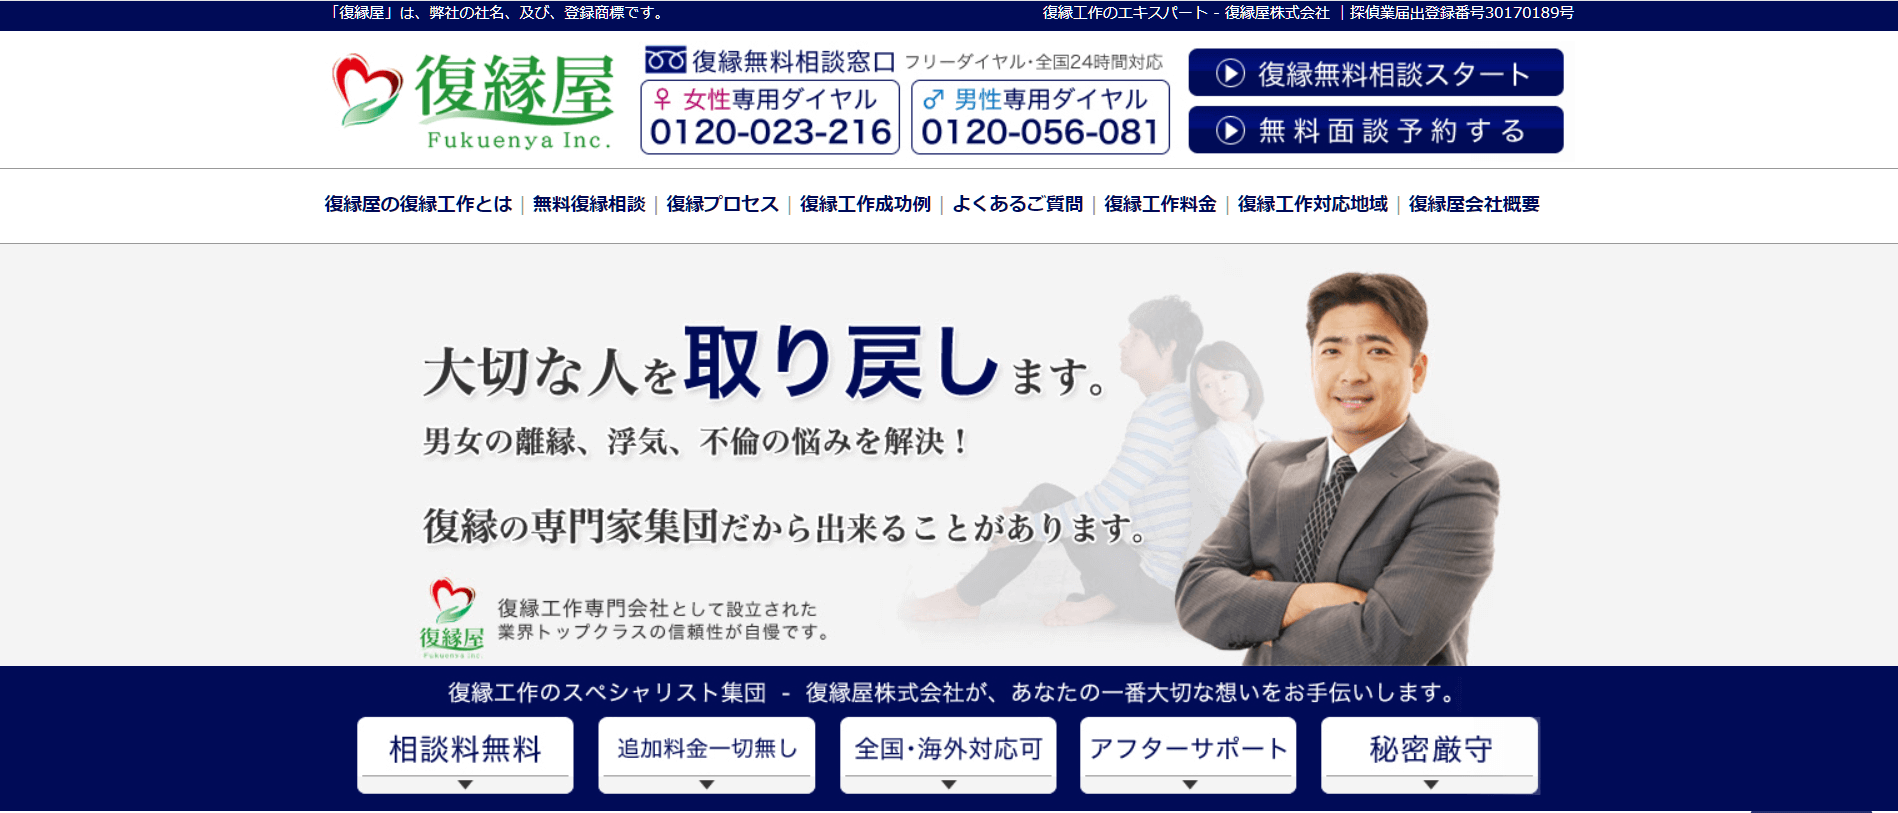 復縁屋株式会社の口コミ評判を徹底調査!【復縁屋】